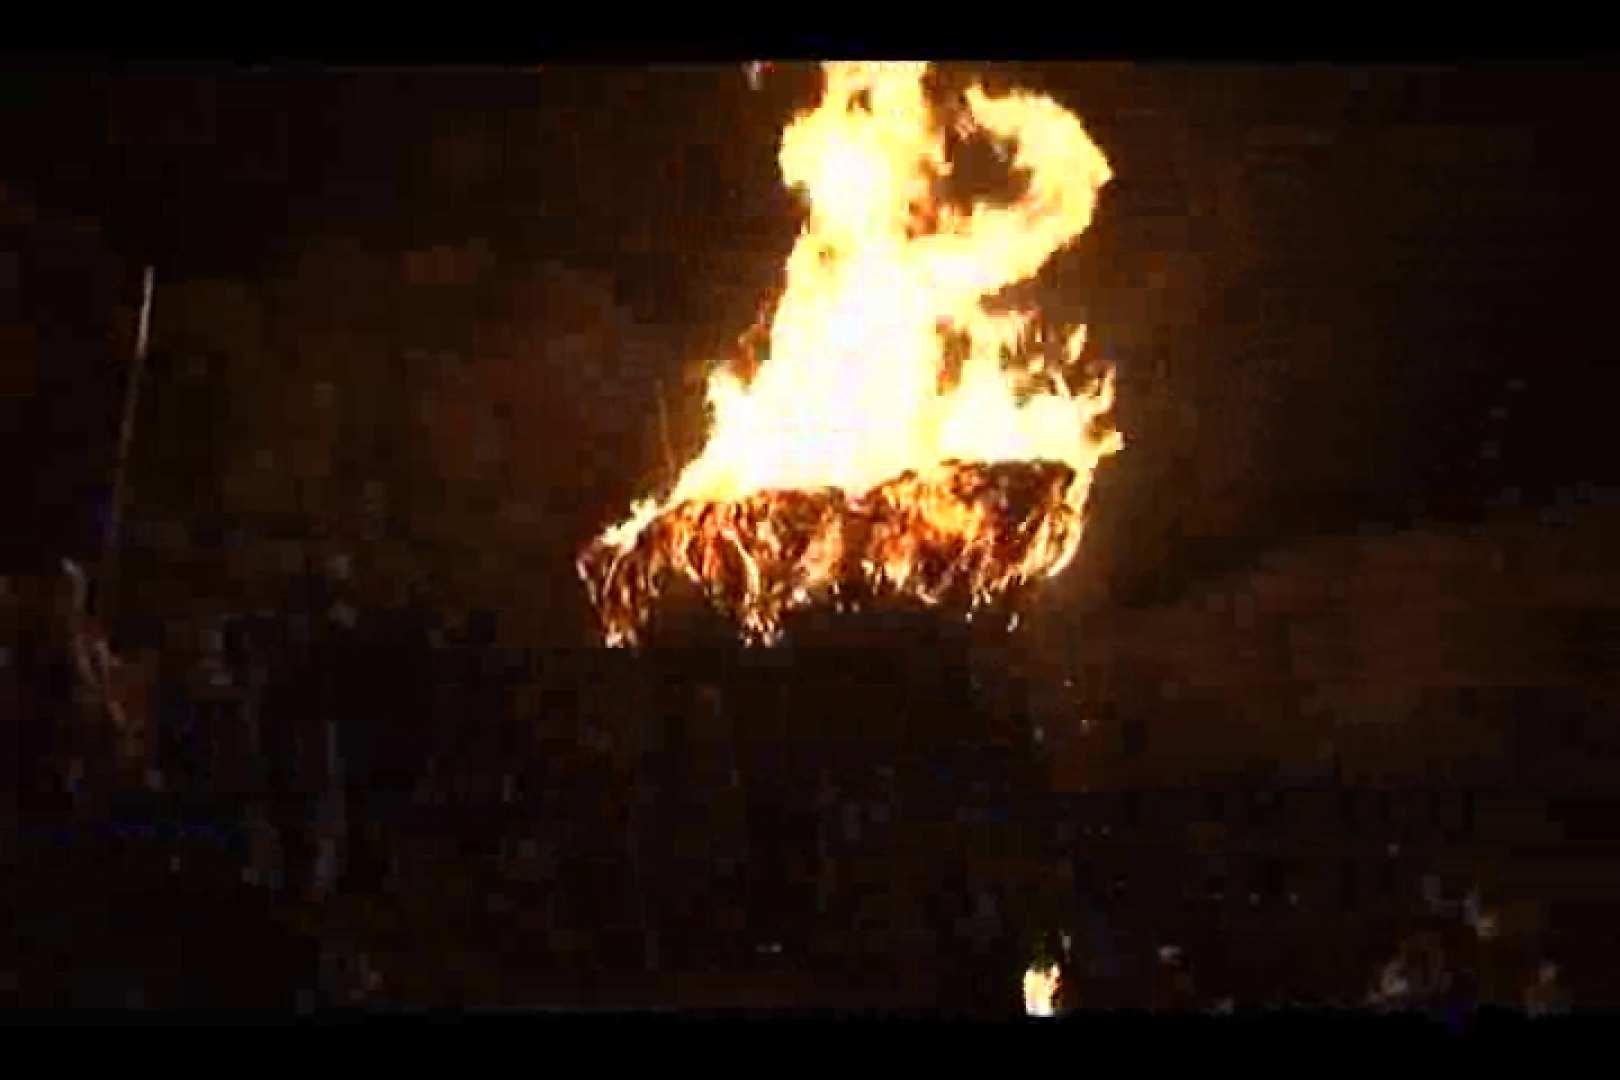 鳥羽の火祭り 3000K!高画質バージョンVOL.03 0 | ドラマ  59pic 25